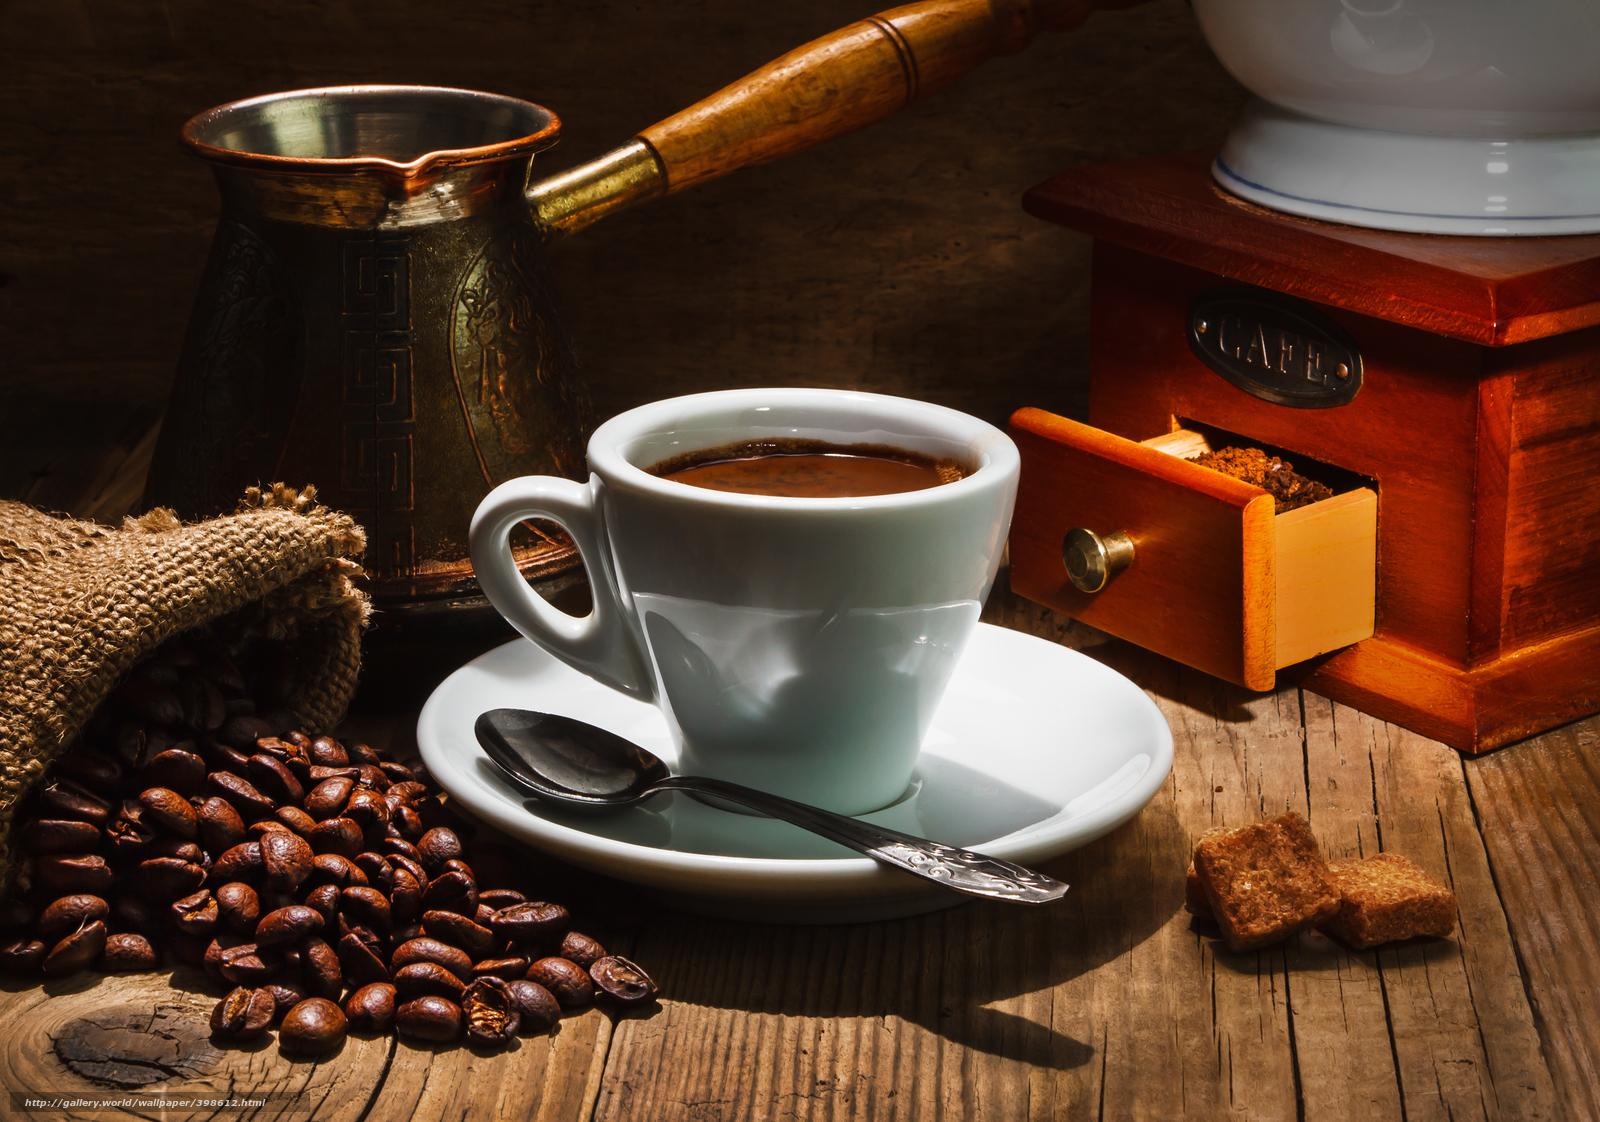 Download wallpaper coffee cup saucer spoon desktop wallpaper 1600x1122